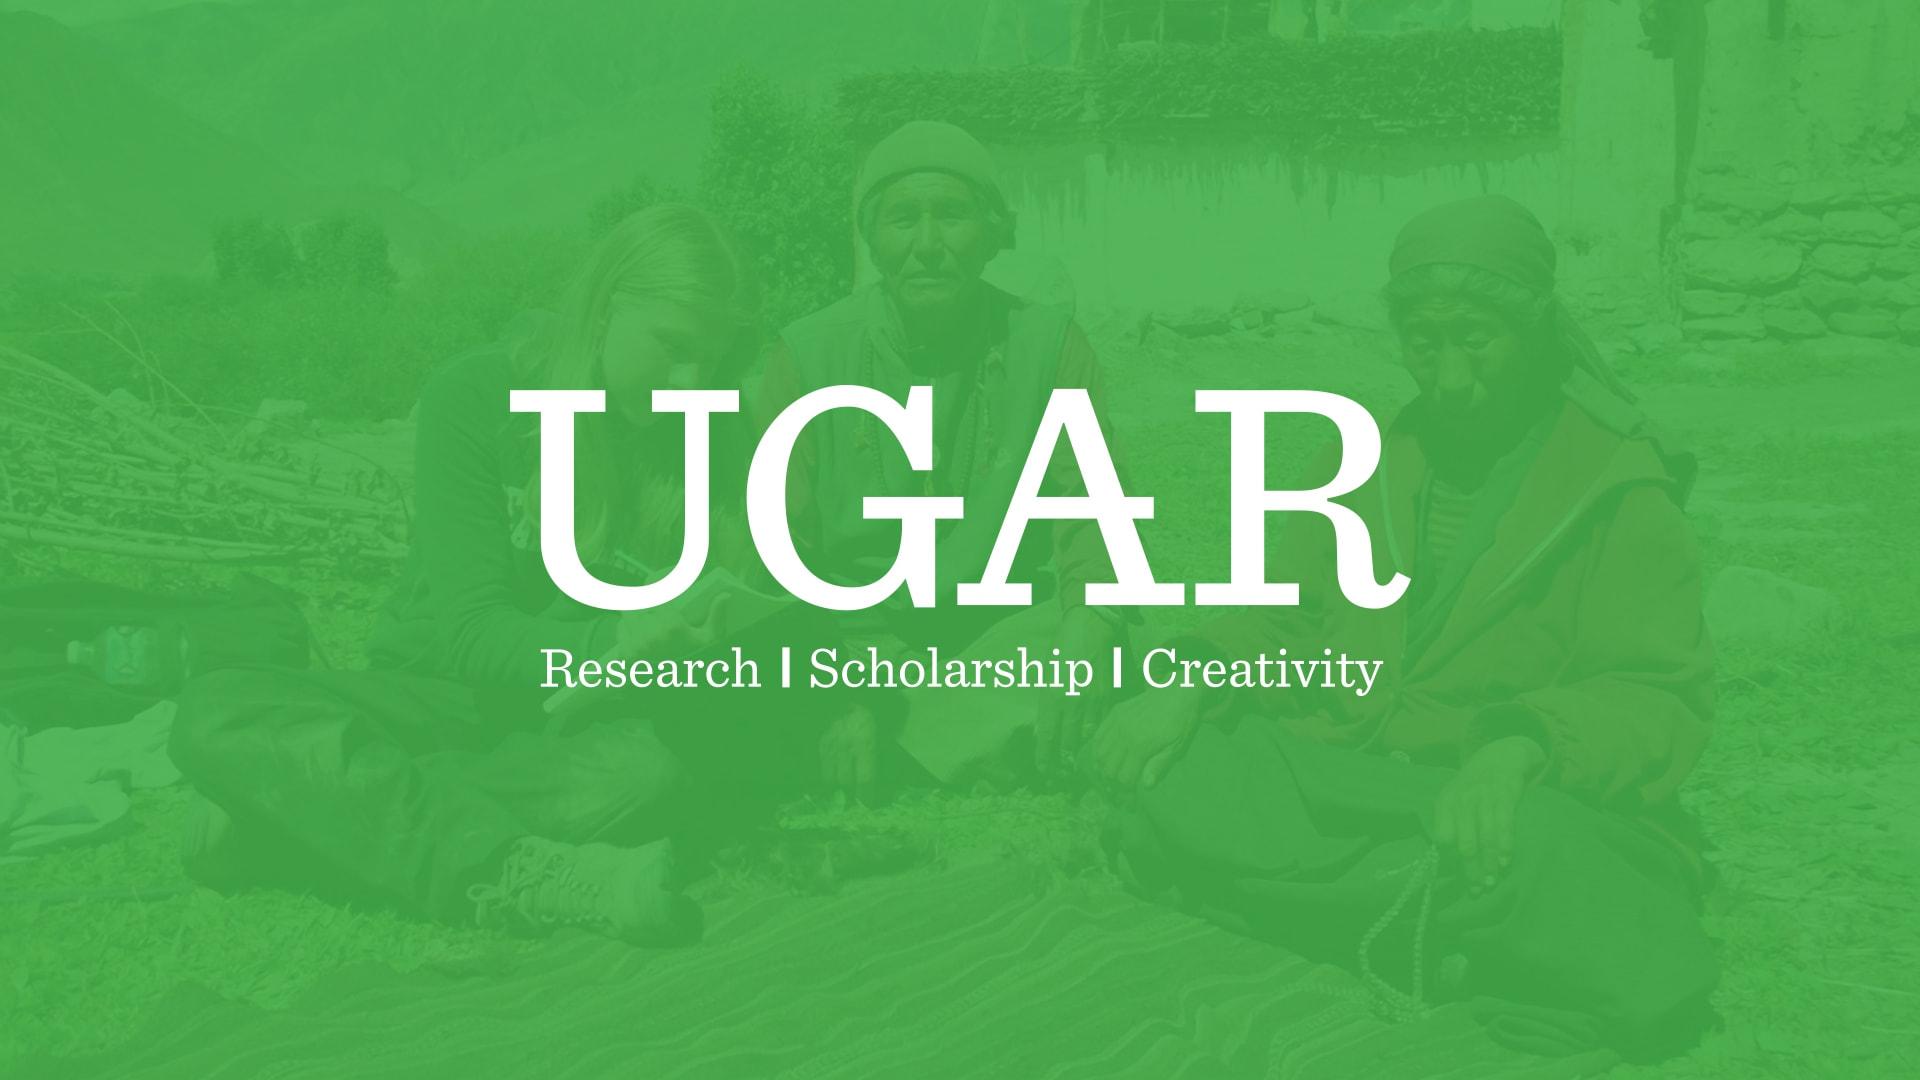 Ugar Undergraduate Advising And Research Fw